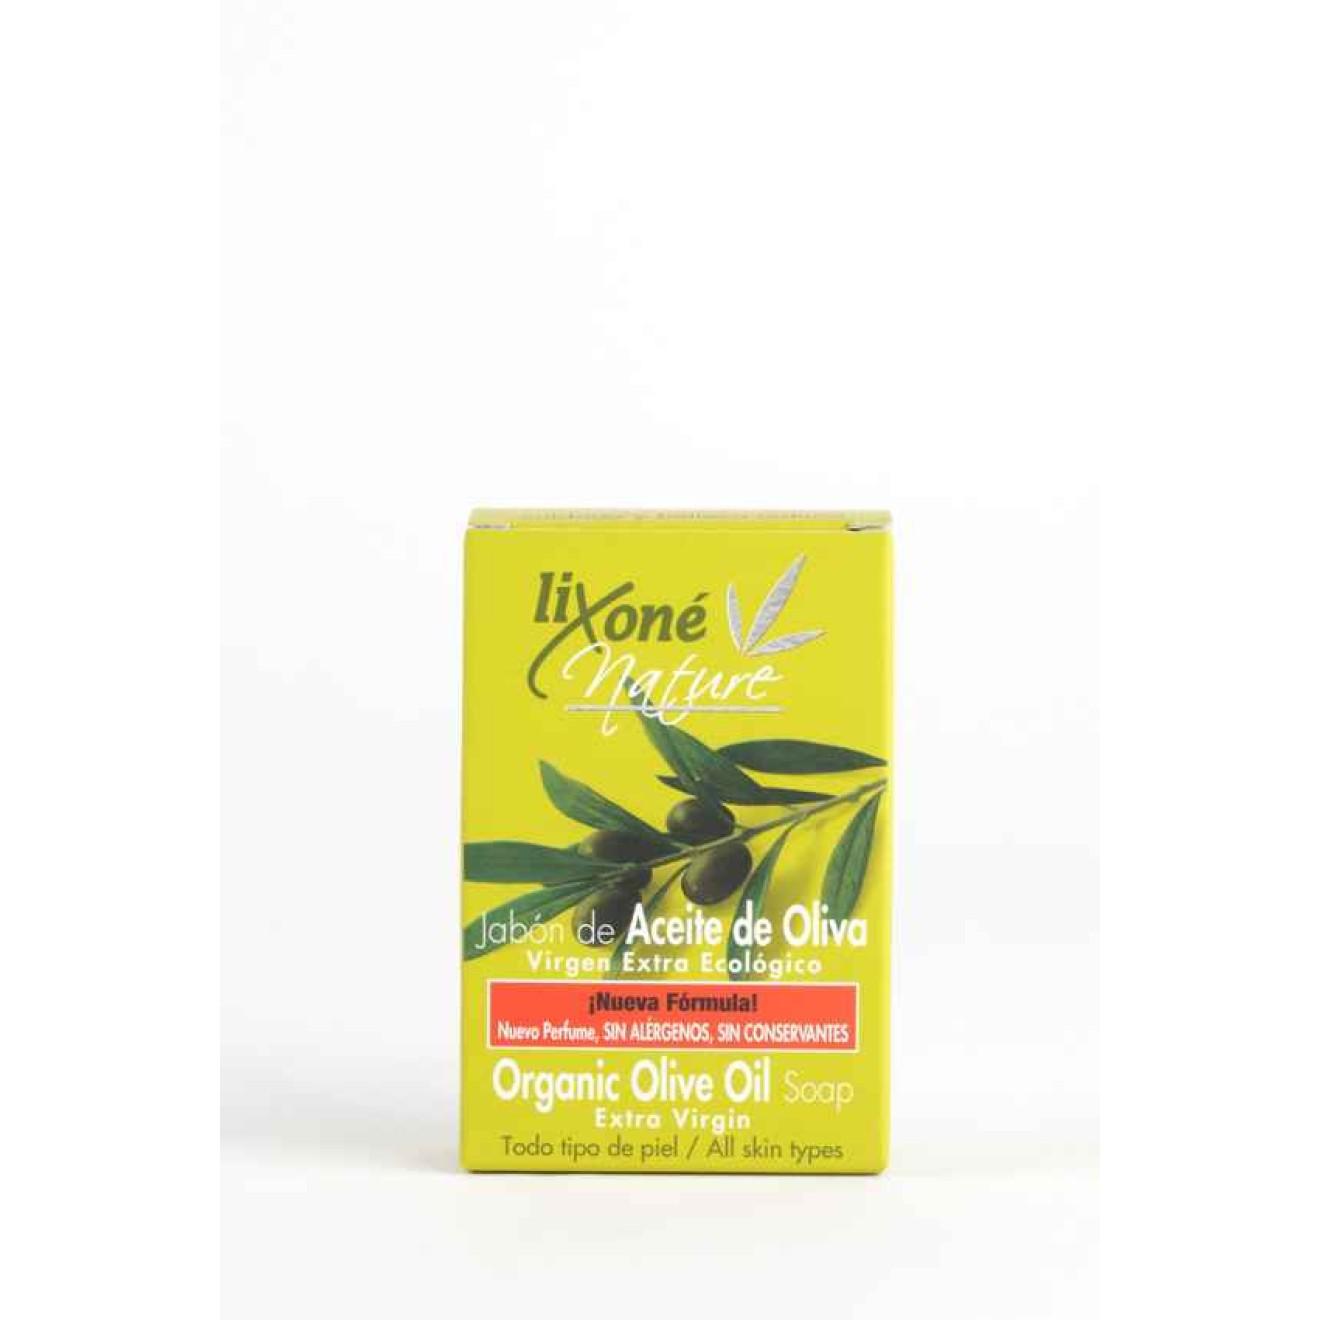 Virgin olive oil soap